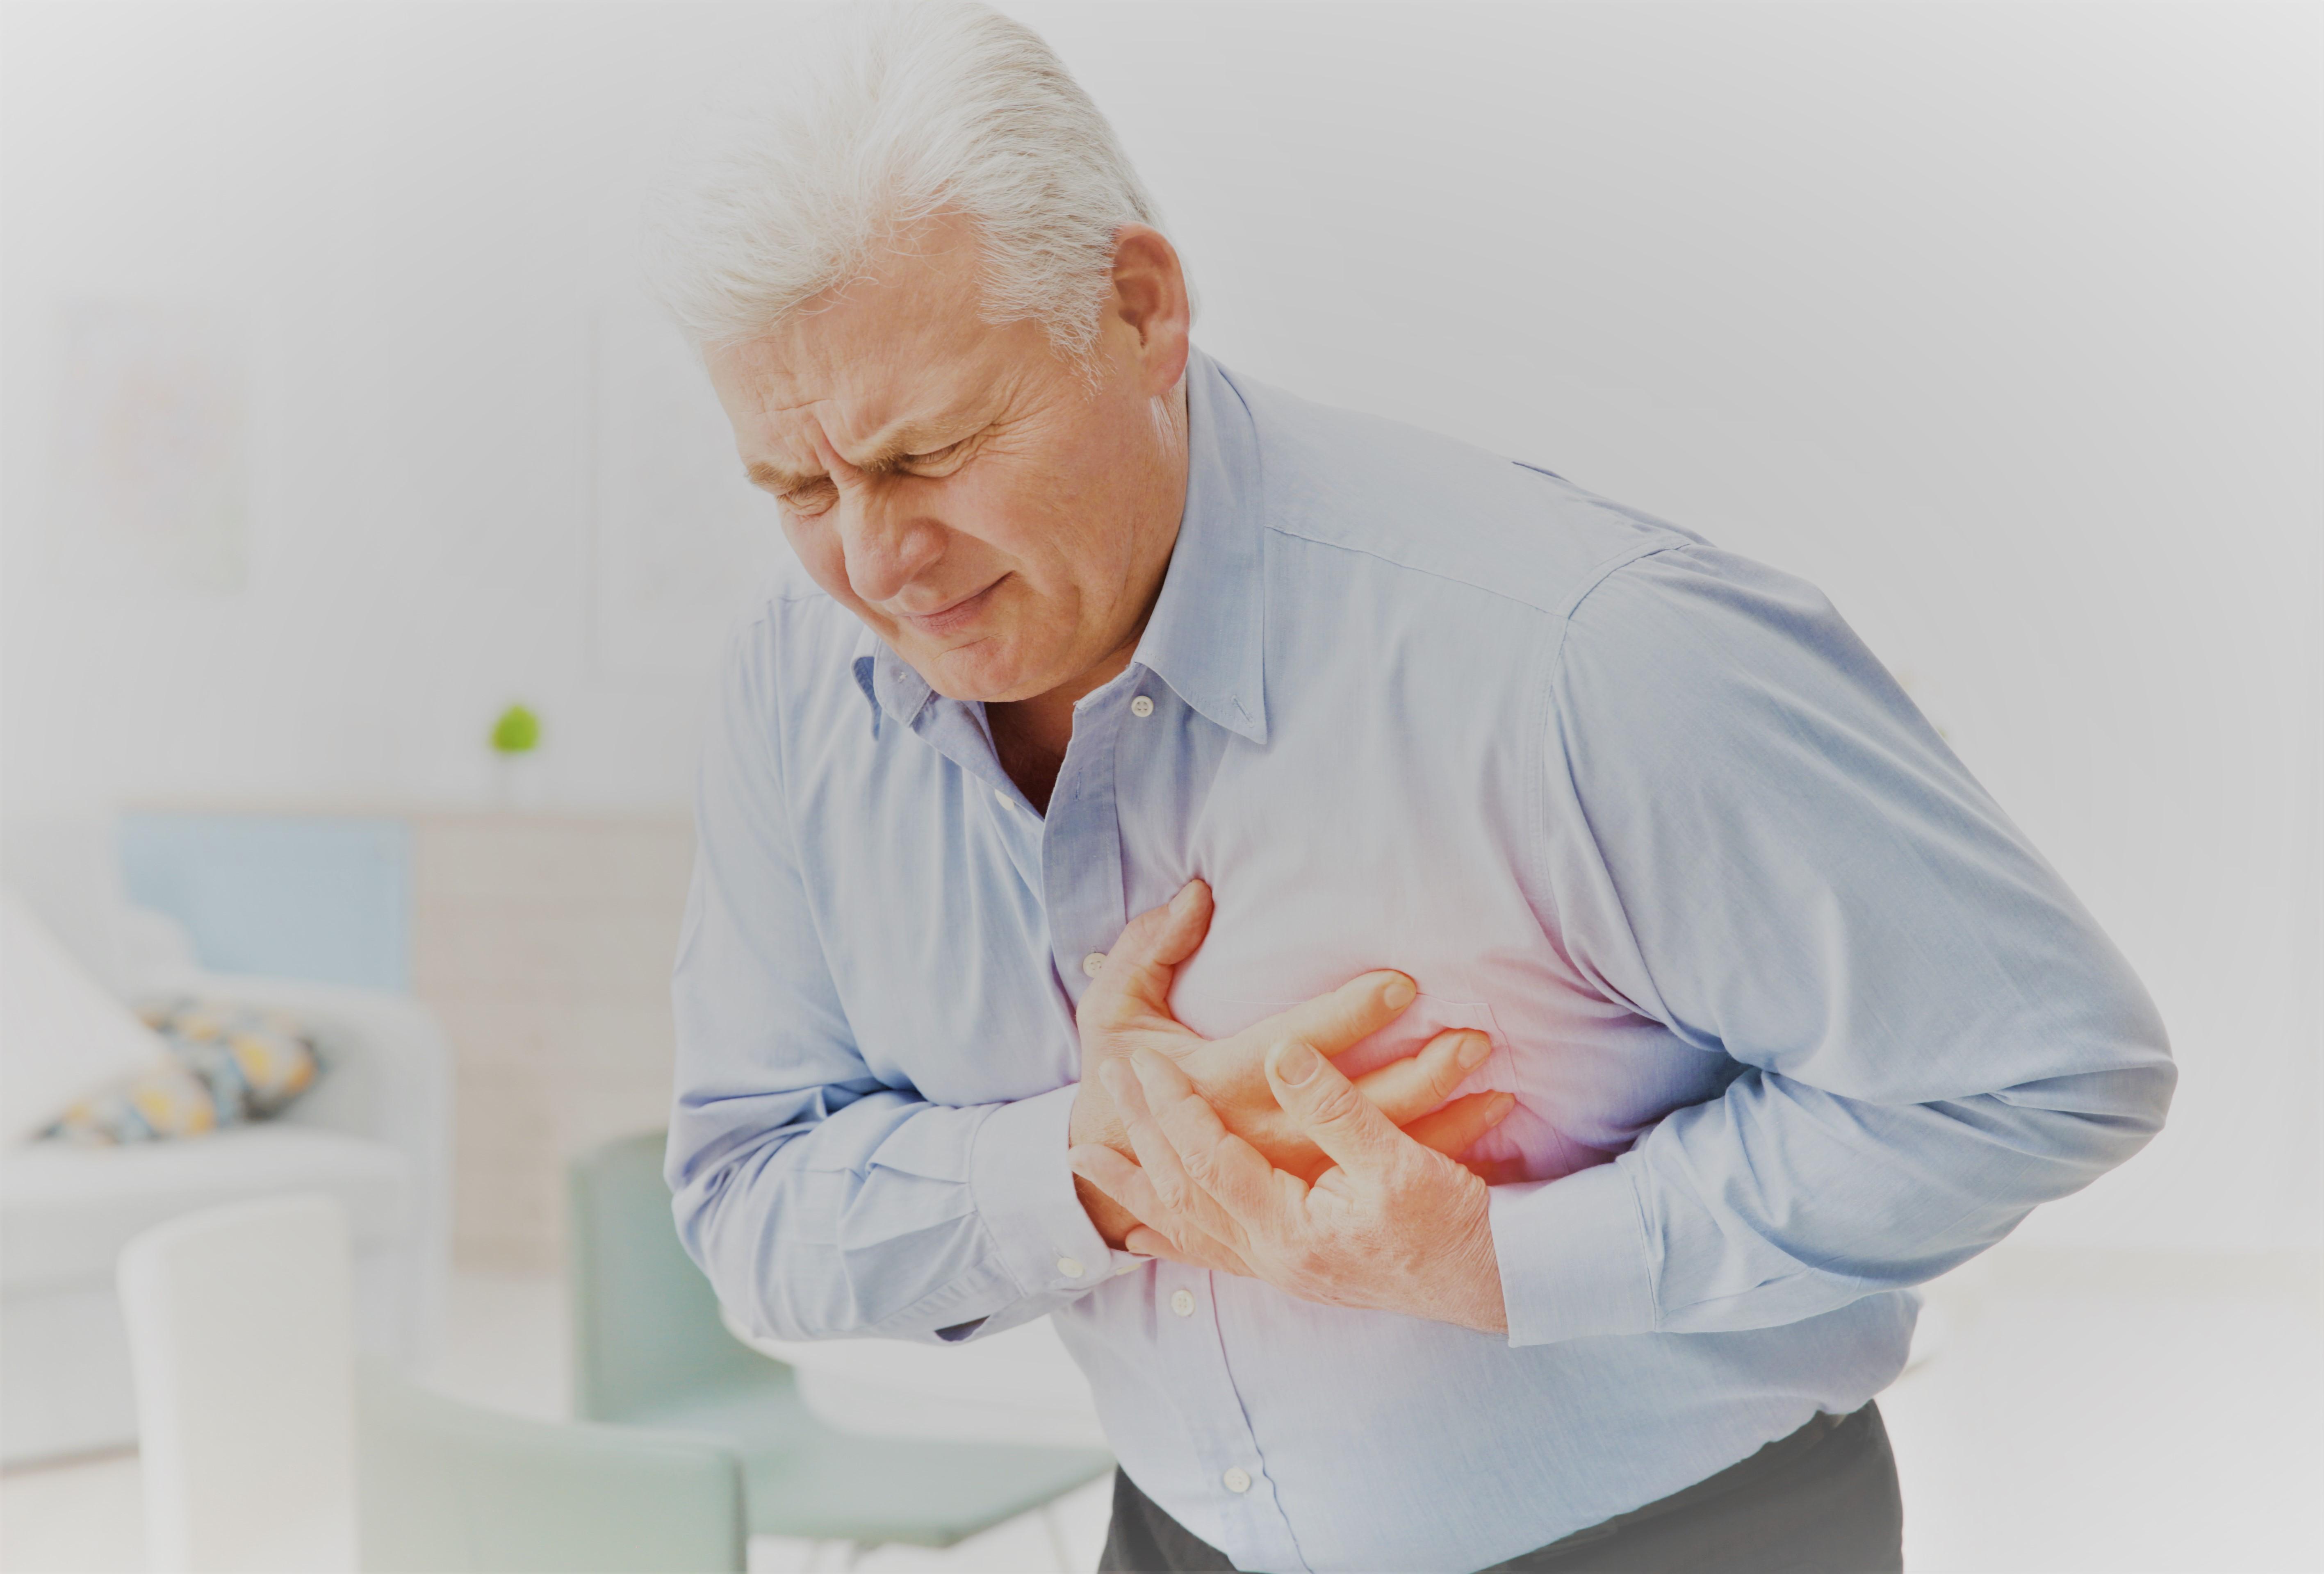 égő érzés a mellkasban magas vérnyomás esetén hogyan kell kezelni a magas vérnyomást 1 fokos fórum